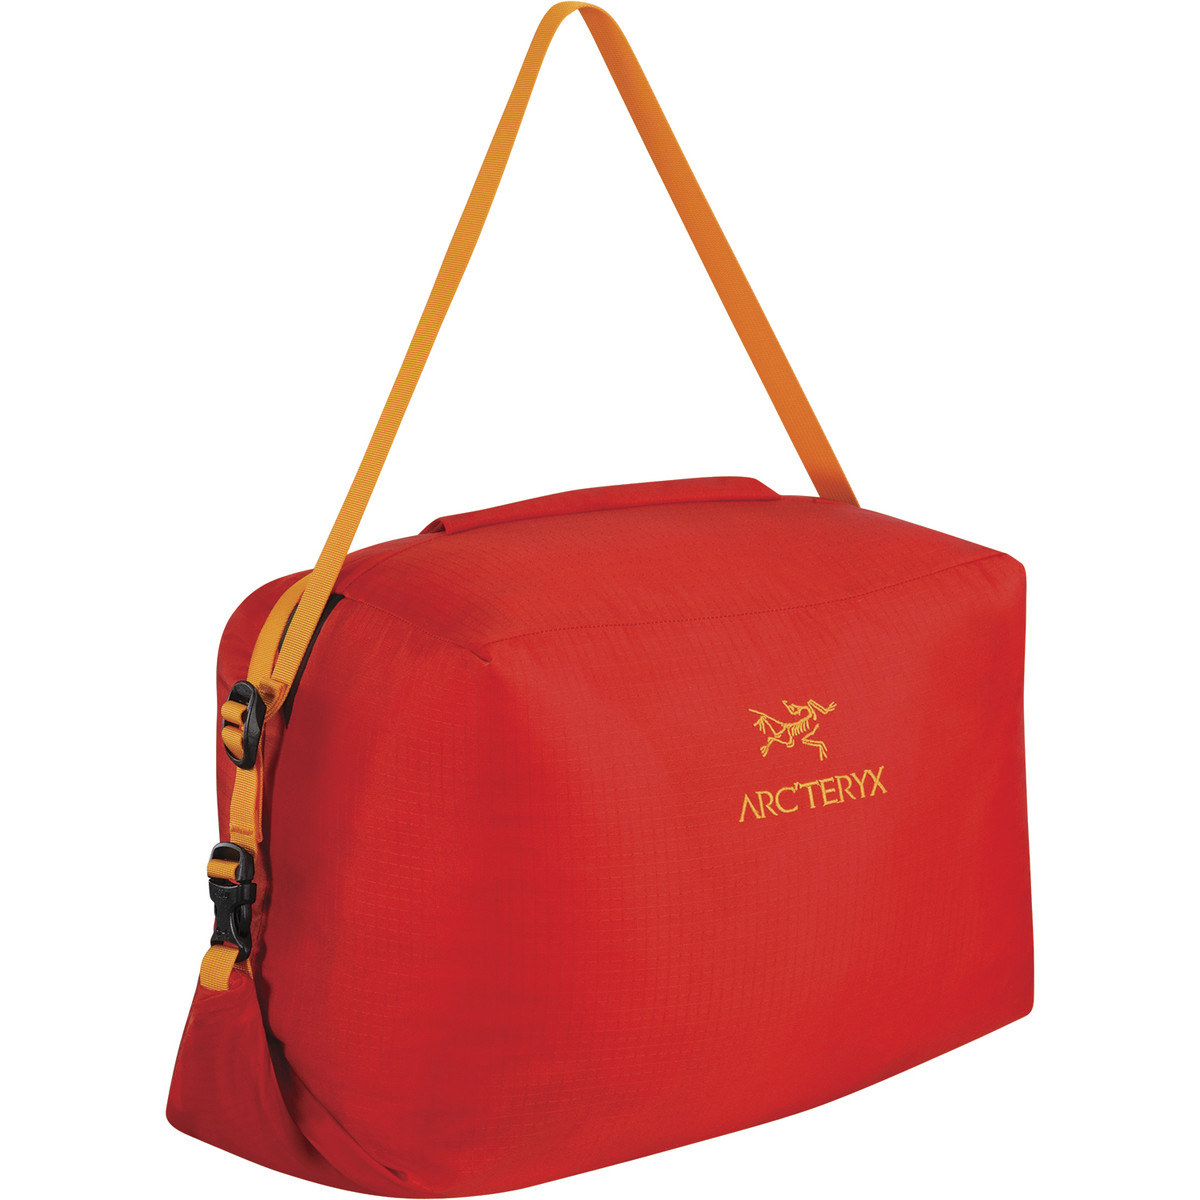 Arc'teryx Haku Rope Bag